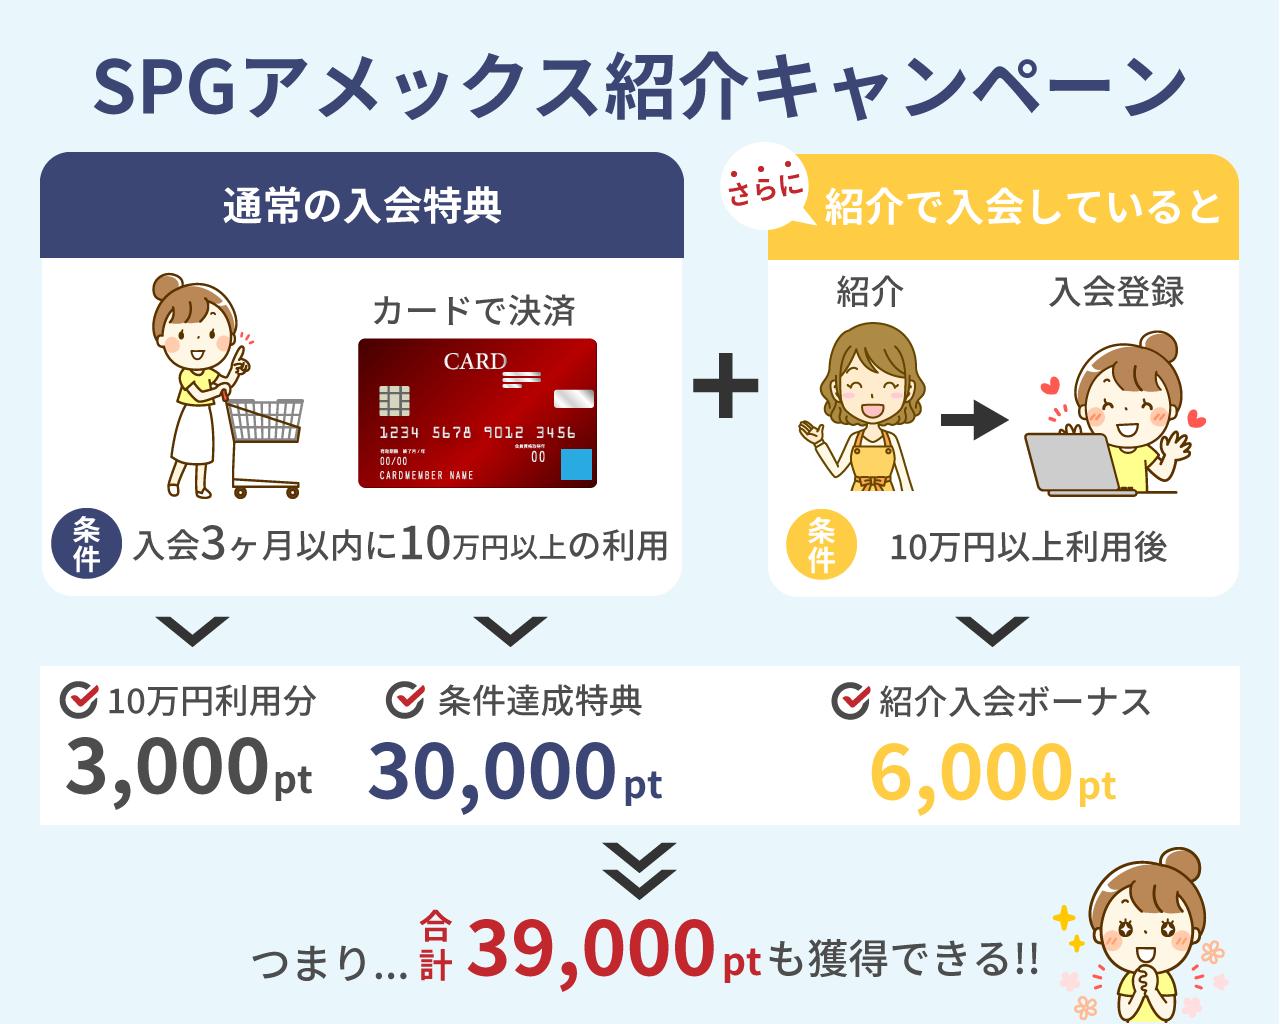 SPGアメックスカード紹介キャンペーン